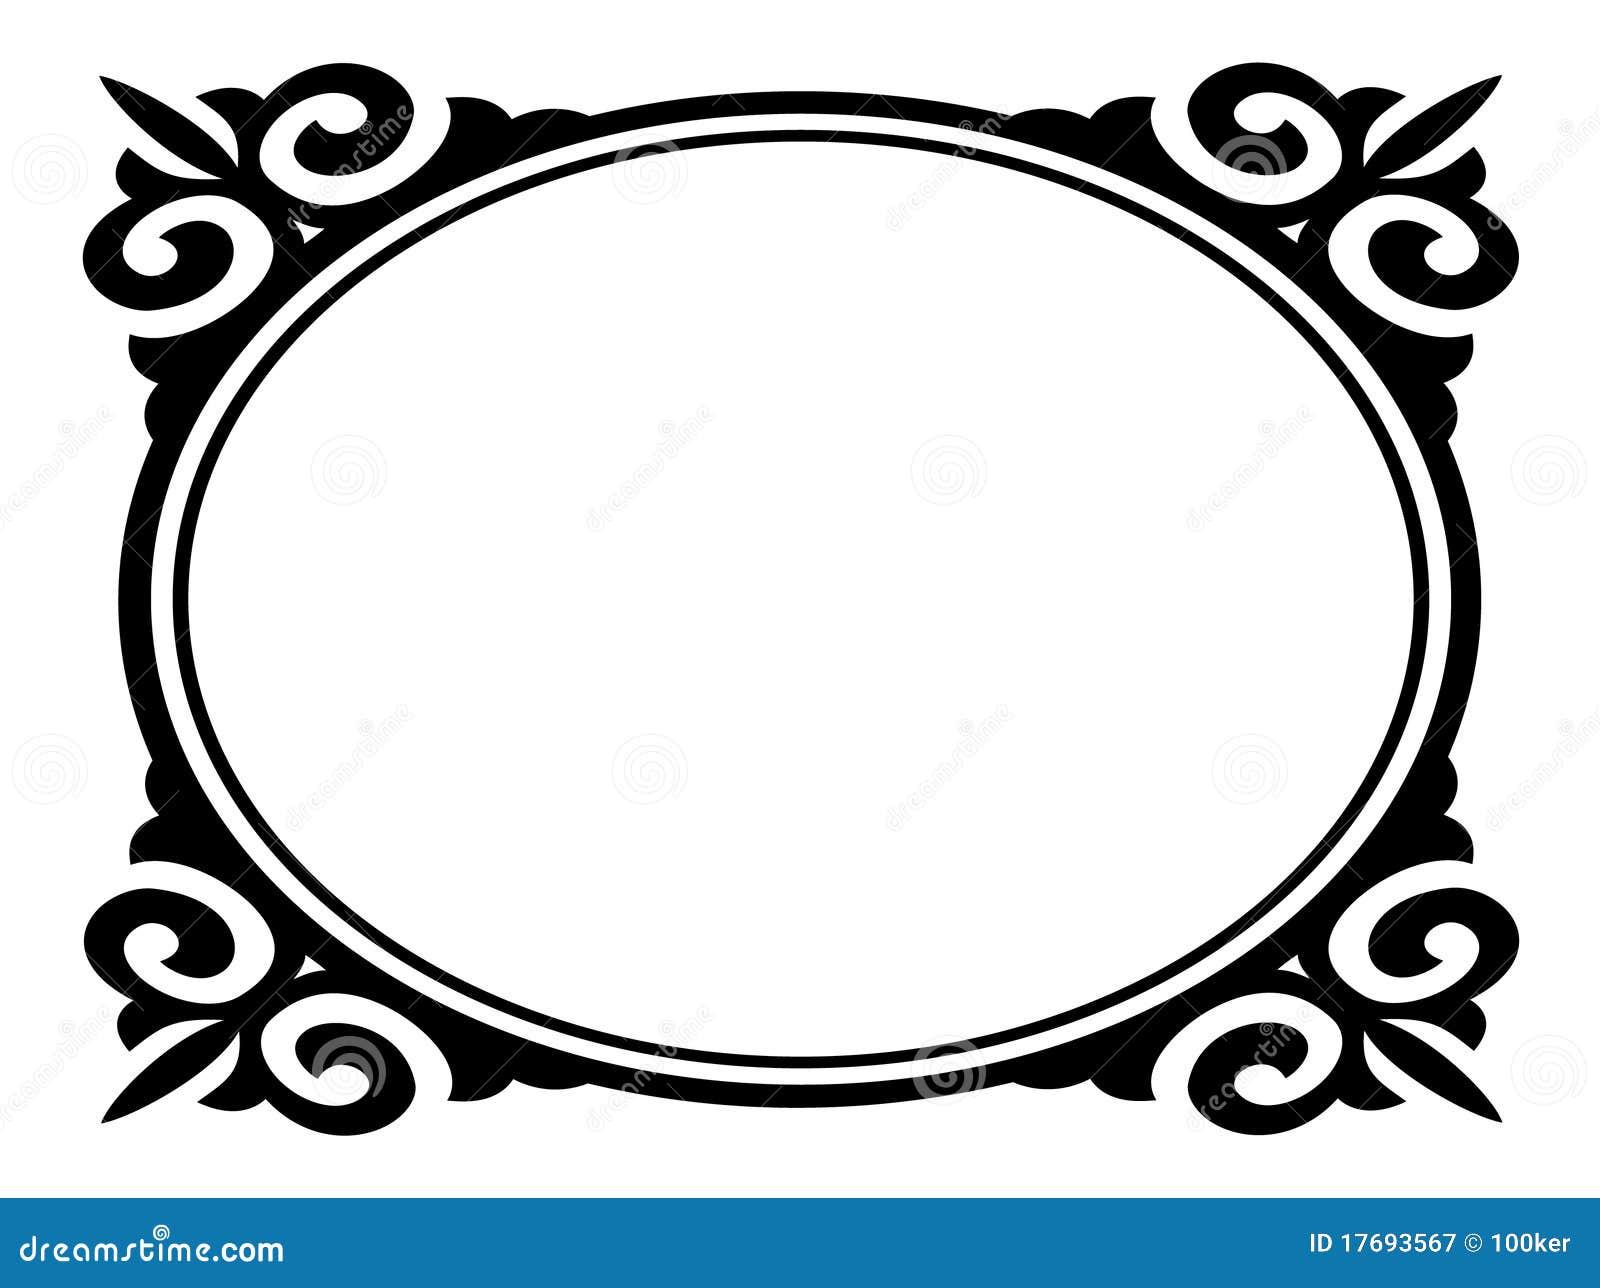 Dekoracyjny ramowy ornamentacyjny owal